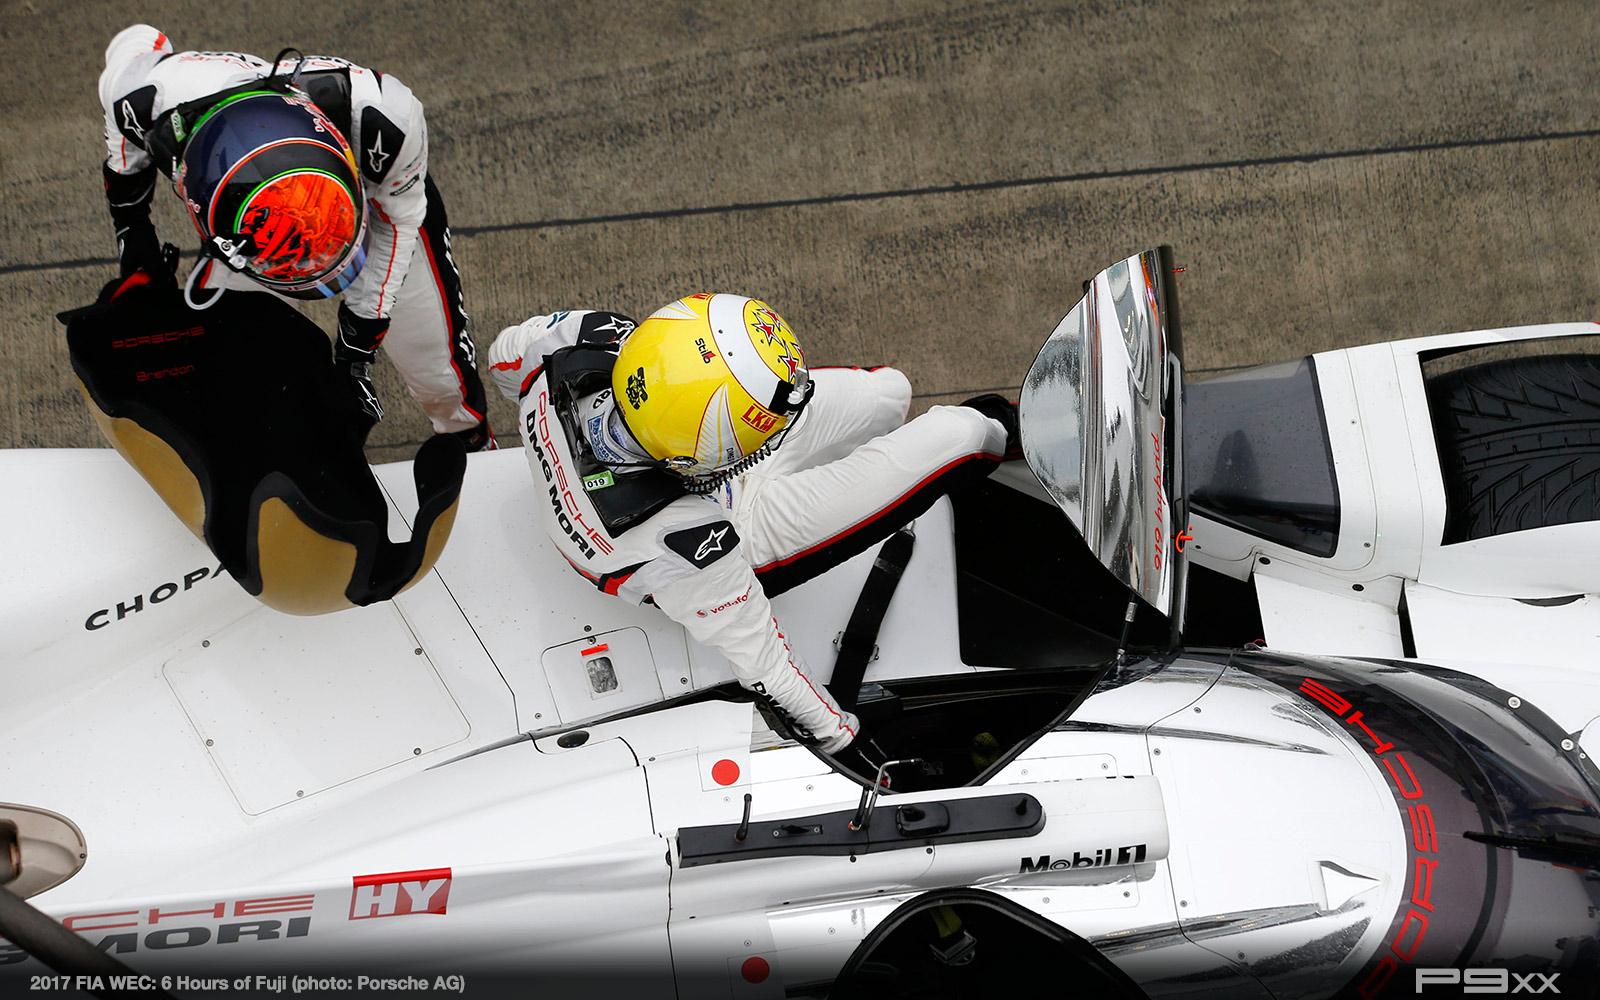 2017-FIA-WEC-6h-of-Fuji-Porsche-427